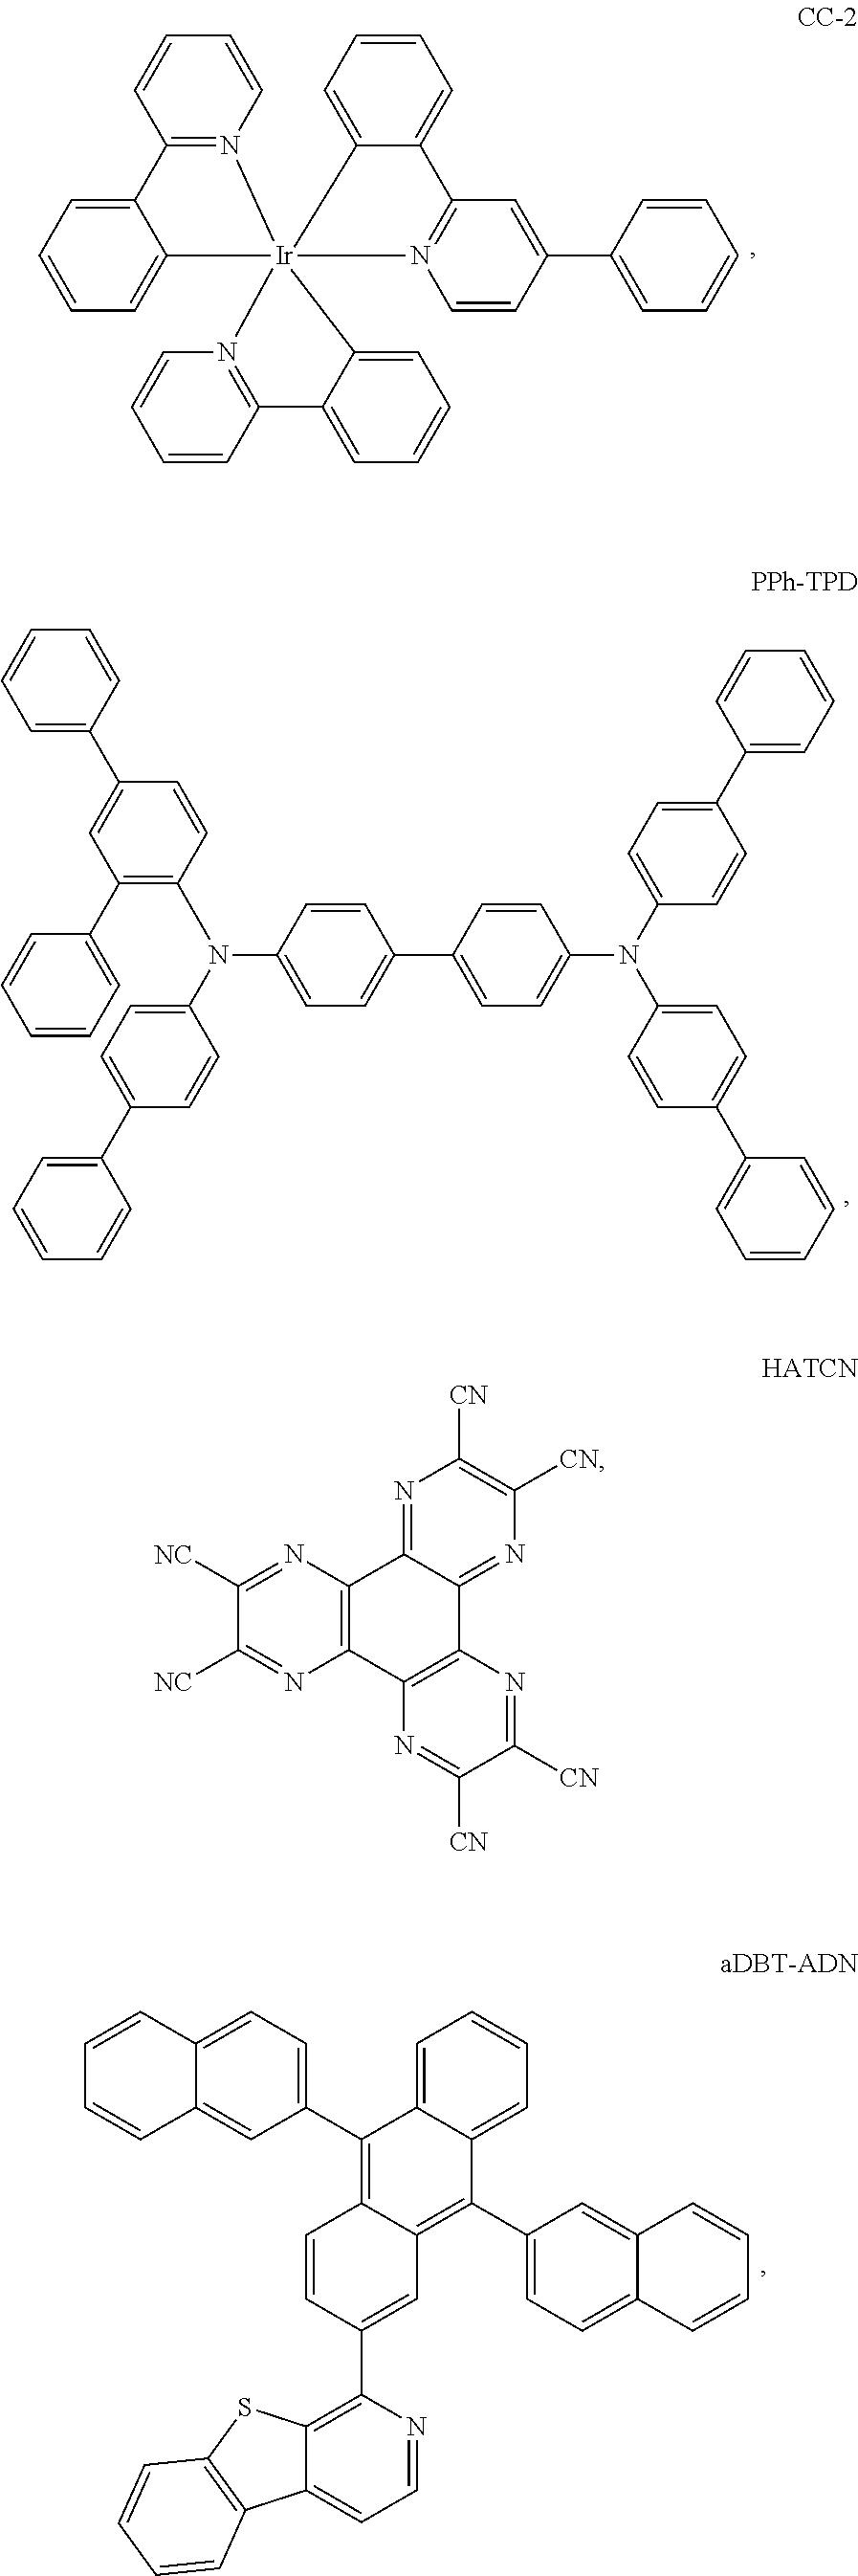 Figure US20180076393A1-20180315-C00136